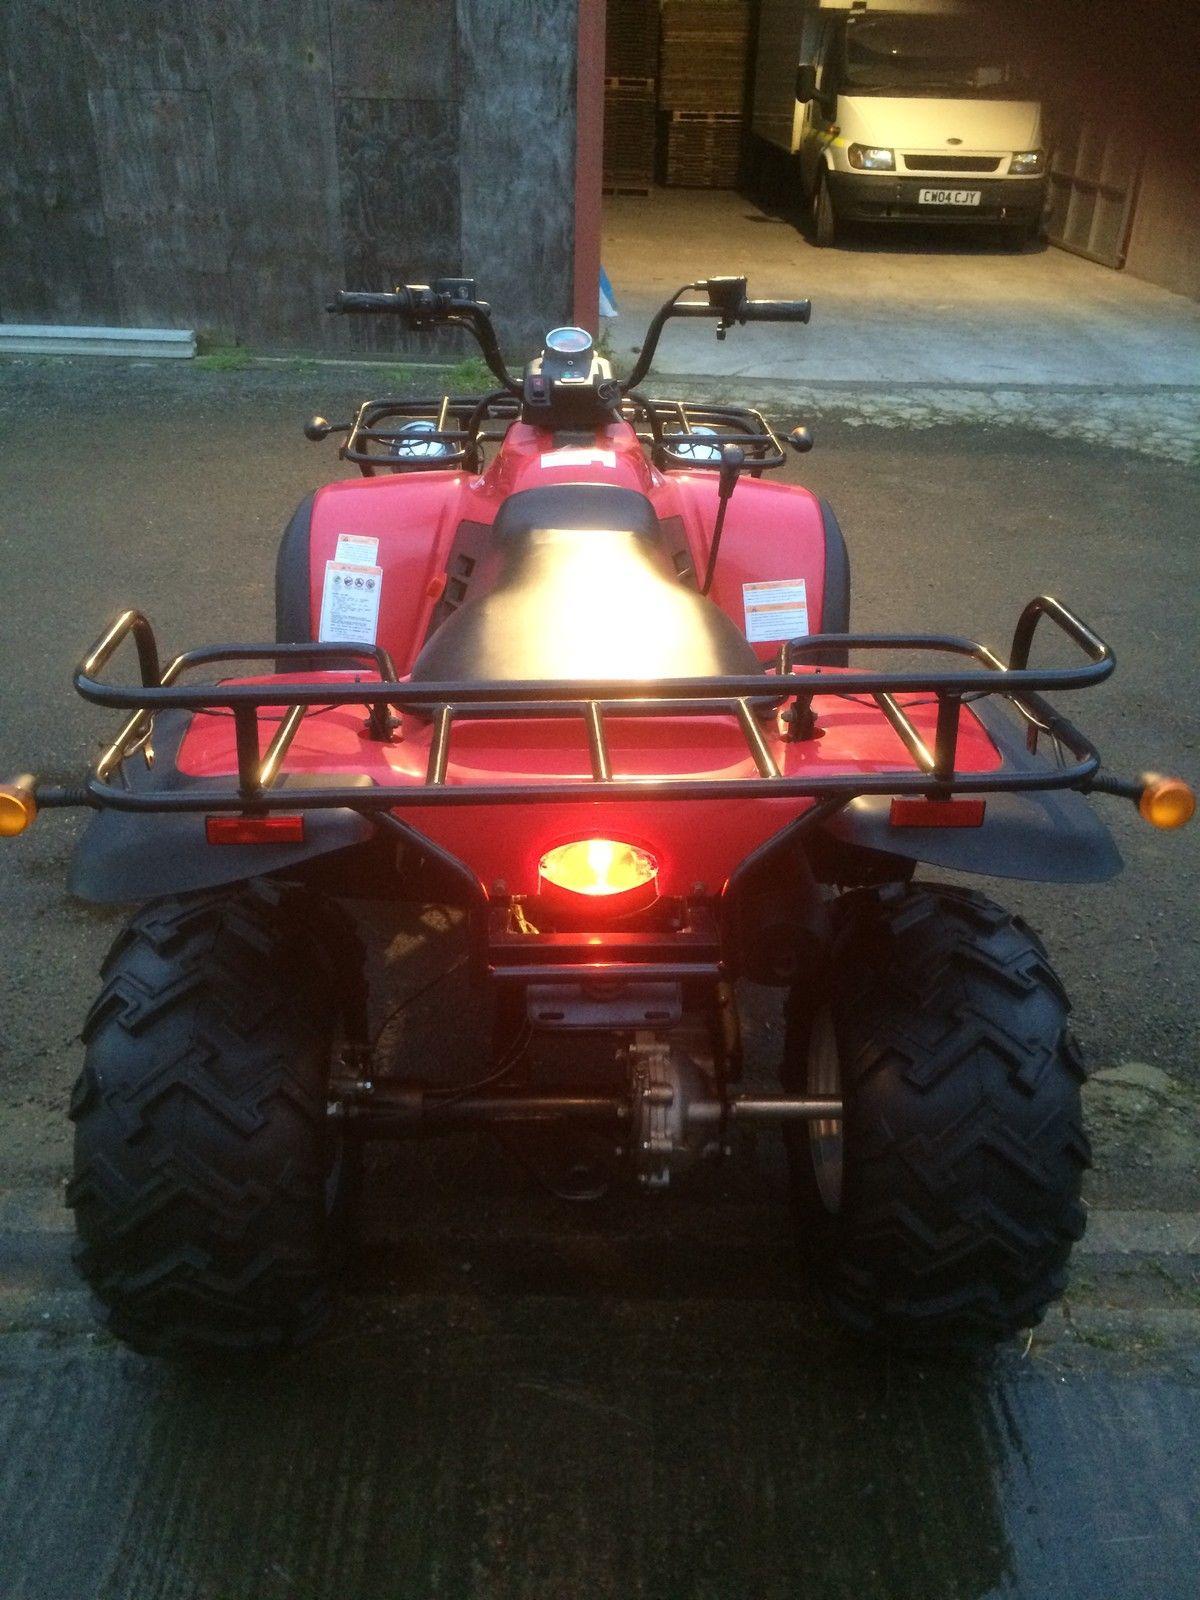 Honda 250cc replica road legal farm quad bike - Replica mobel legal ...